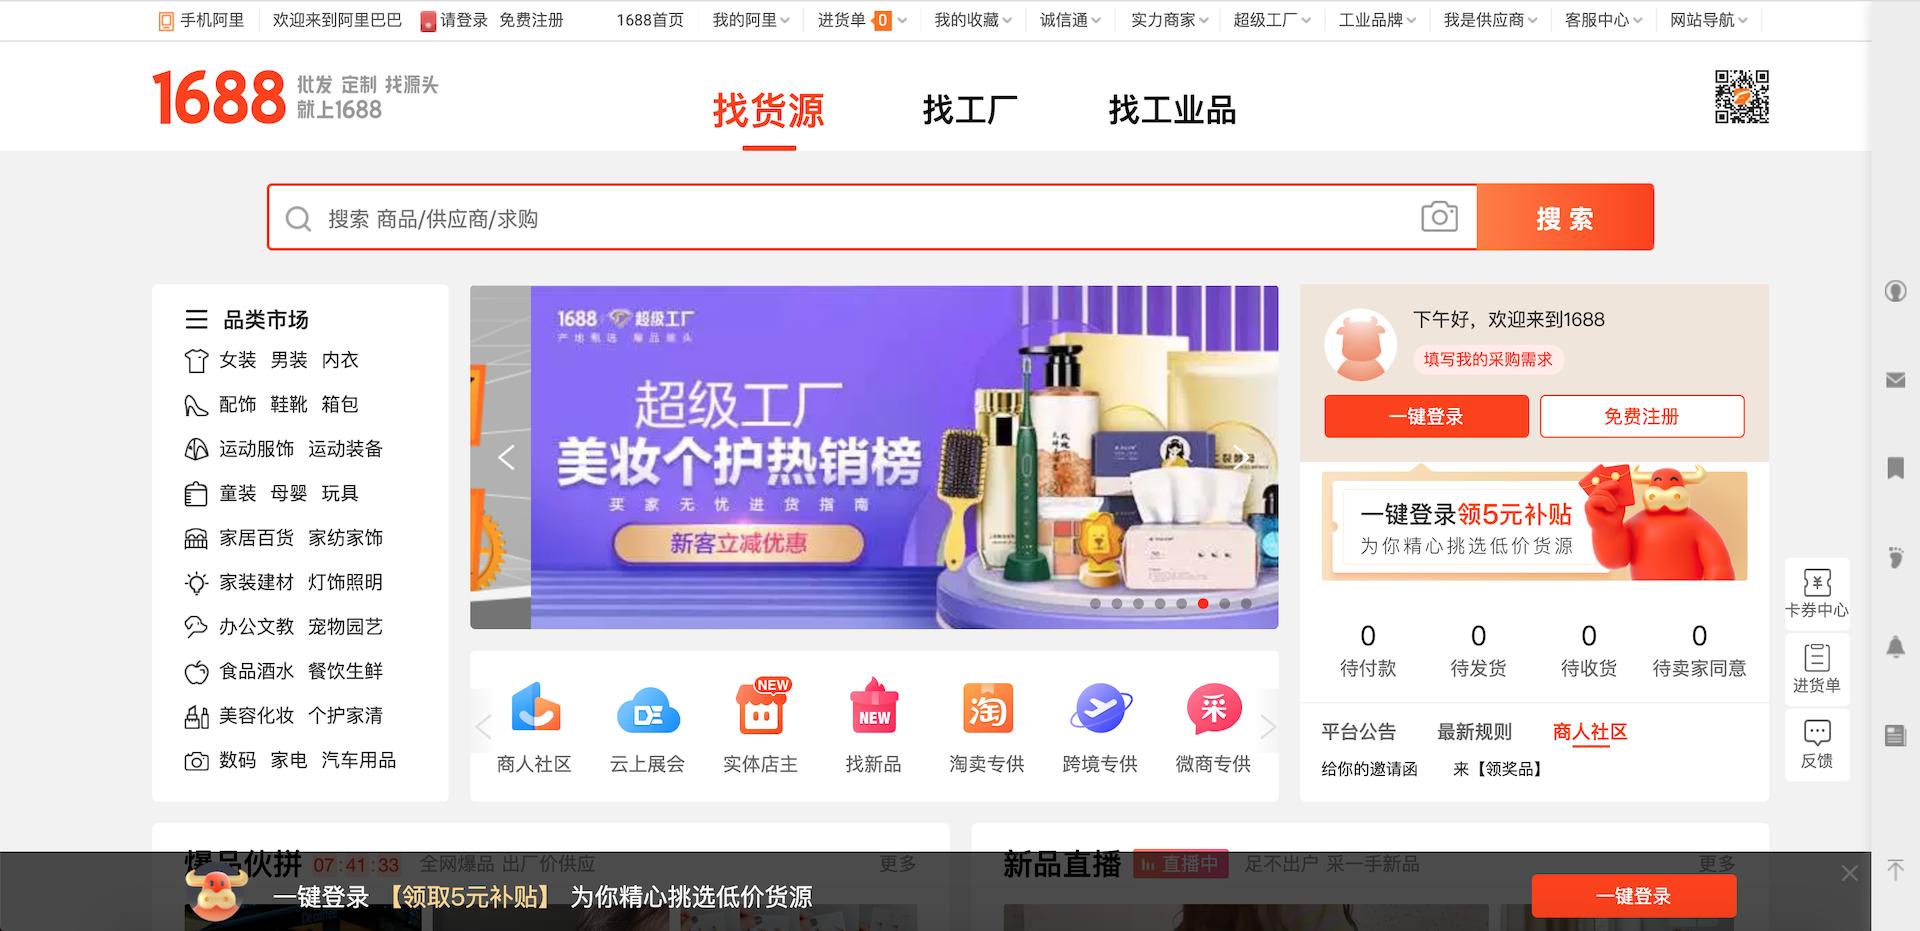 阿里巴巴中國站公告短期內停售無人機商品 同時禁相關宣傳及教學